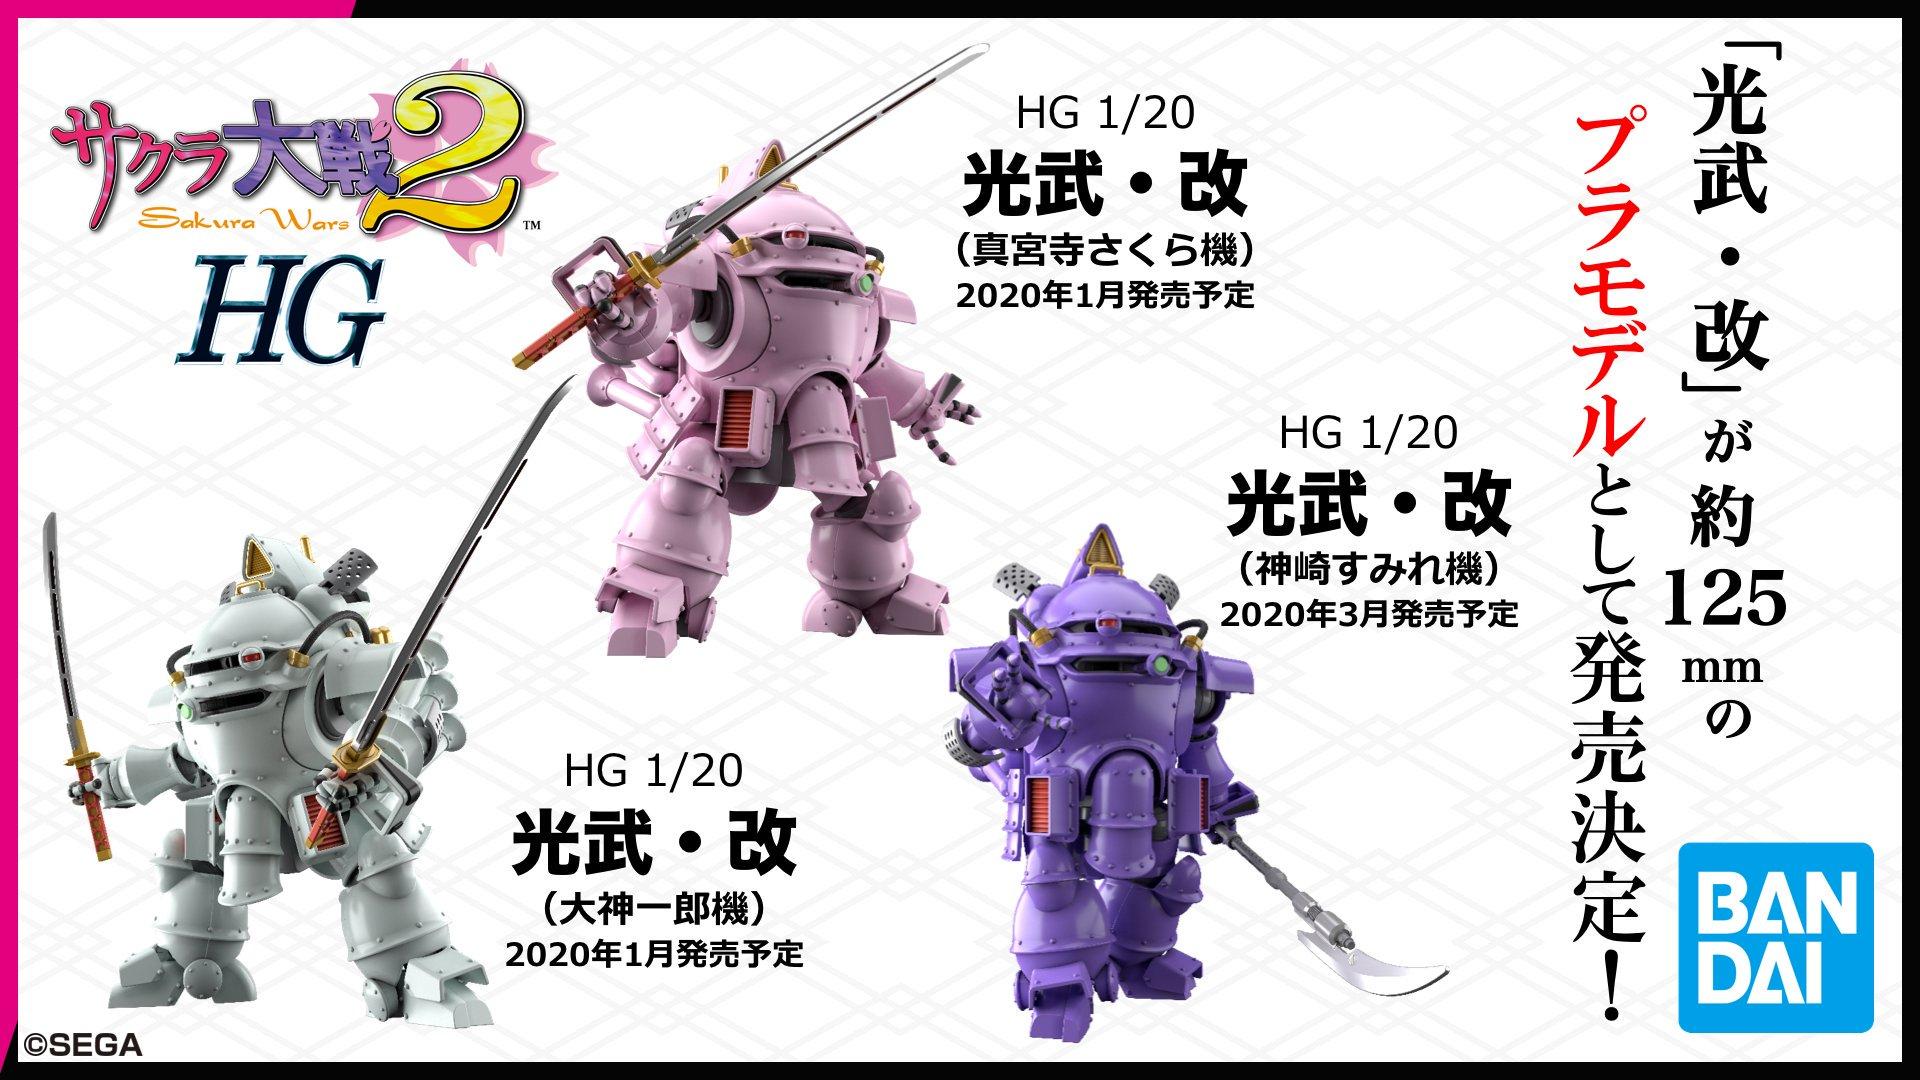 1 23 - 『新サクラ大戦』テレビアニメ化決定! 2020年に放送【TGS2019】